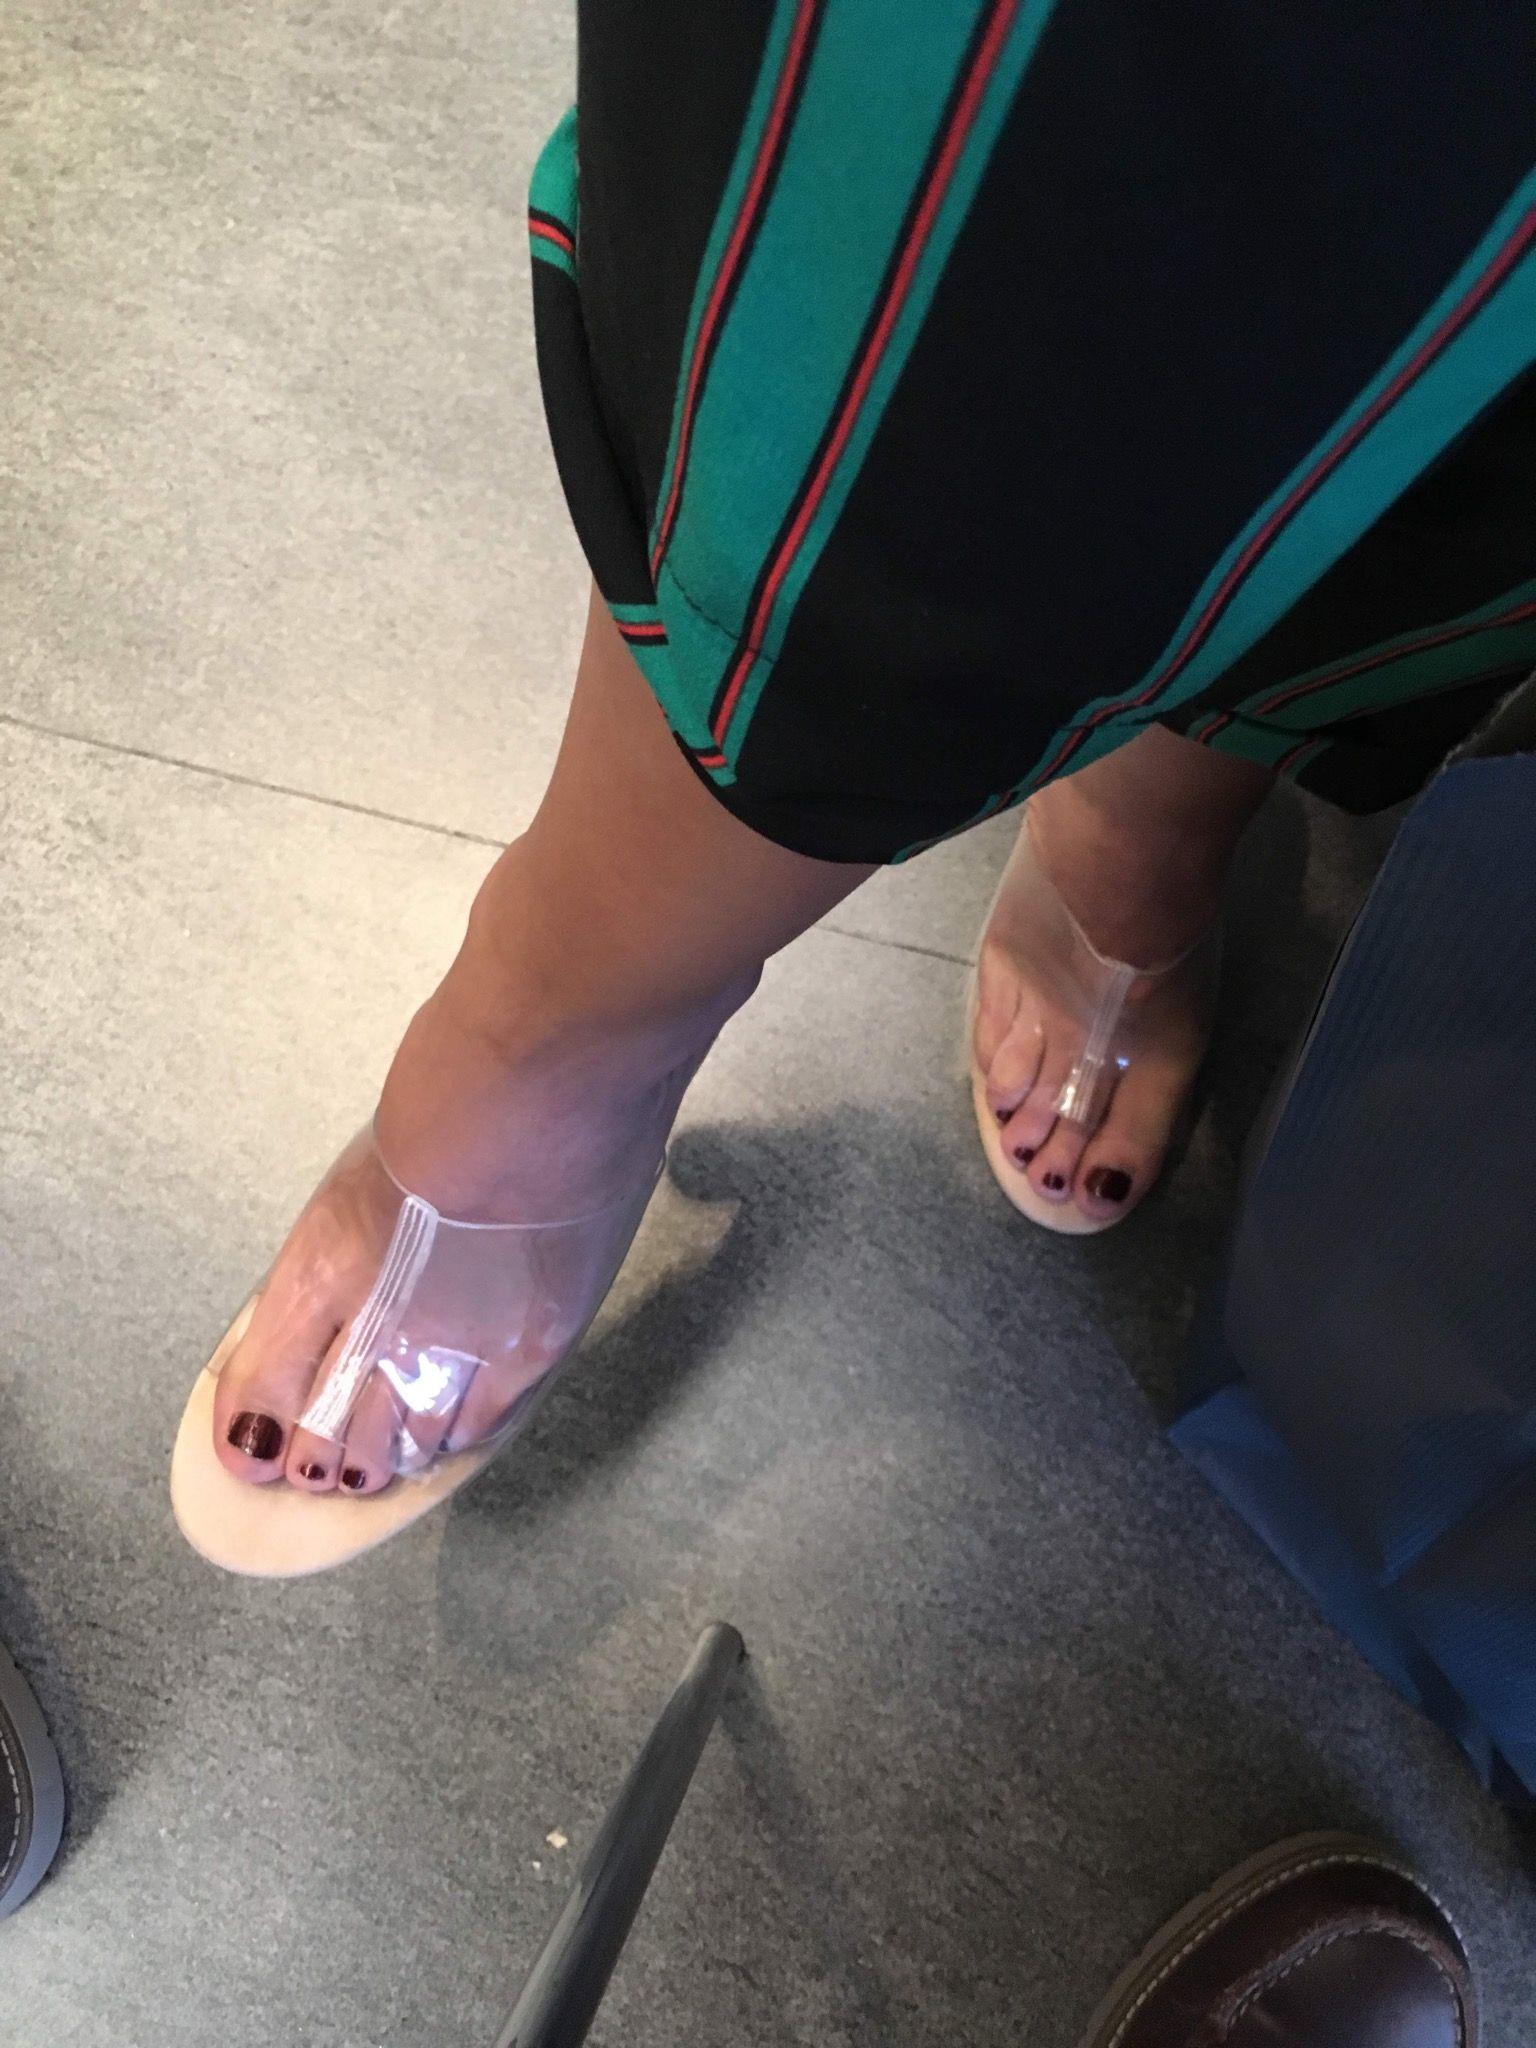 Hot Feet Julia Billington naked photo 2017